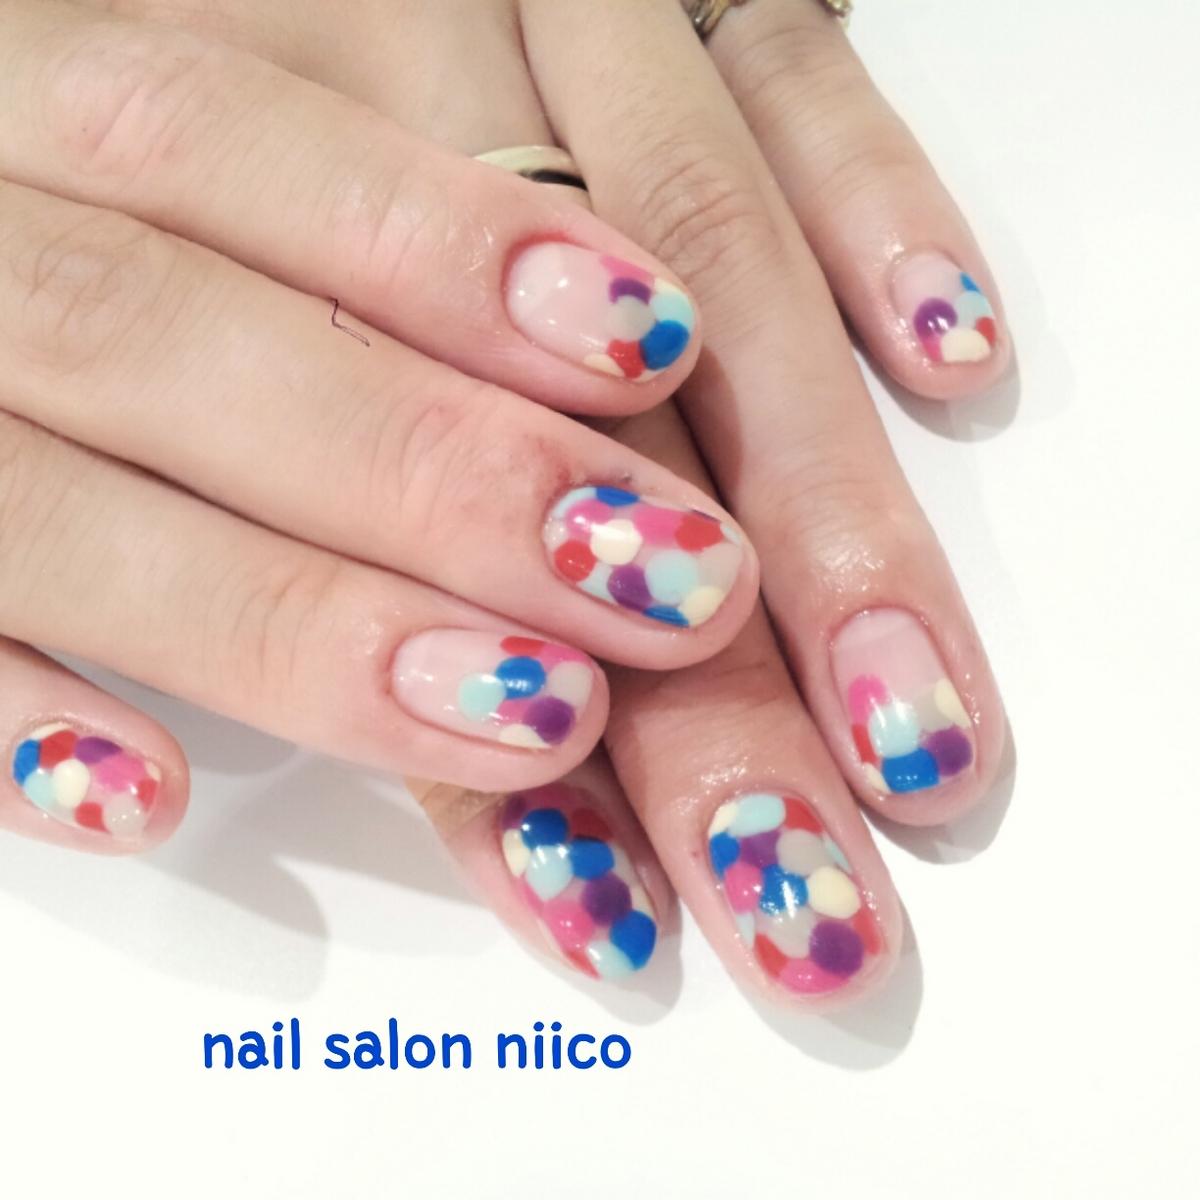 Nail salon niico